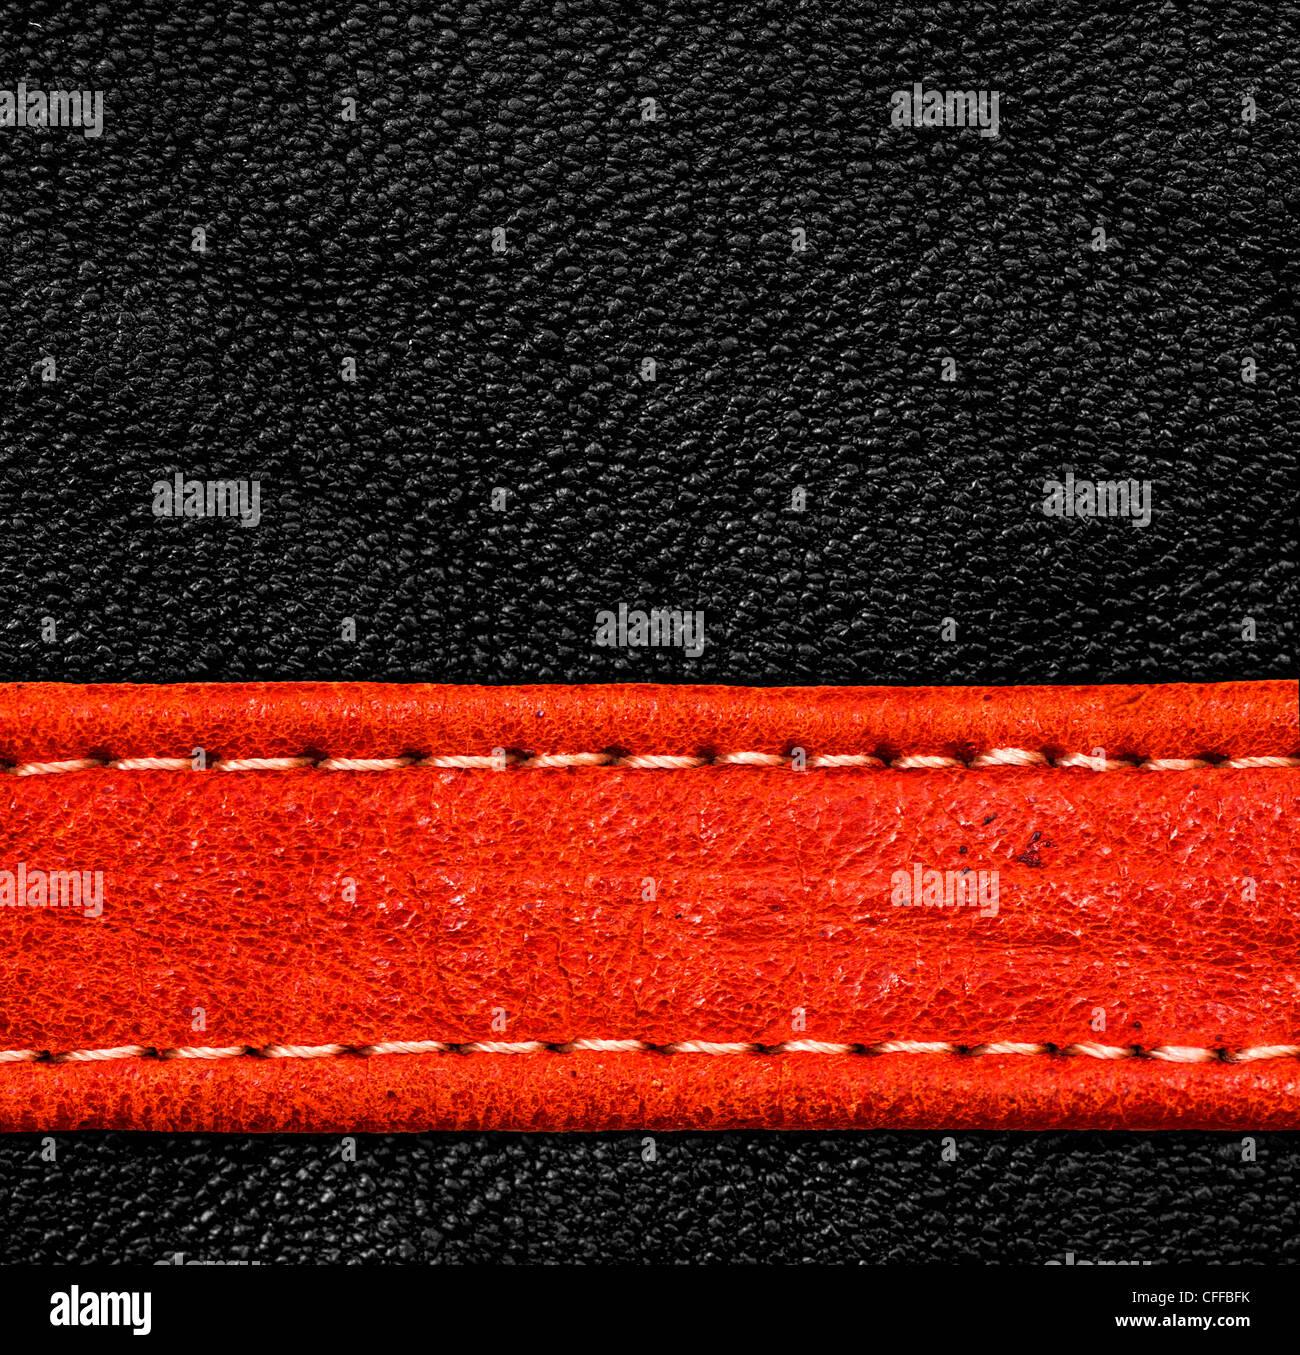 Una textura de cuero marrón. alta resolución. Foto de stock